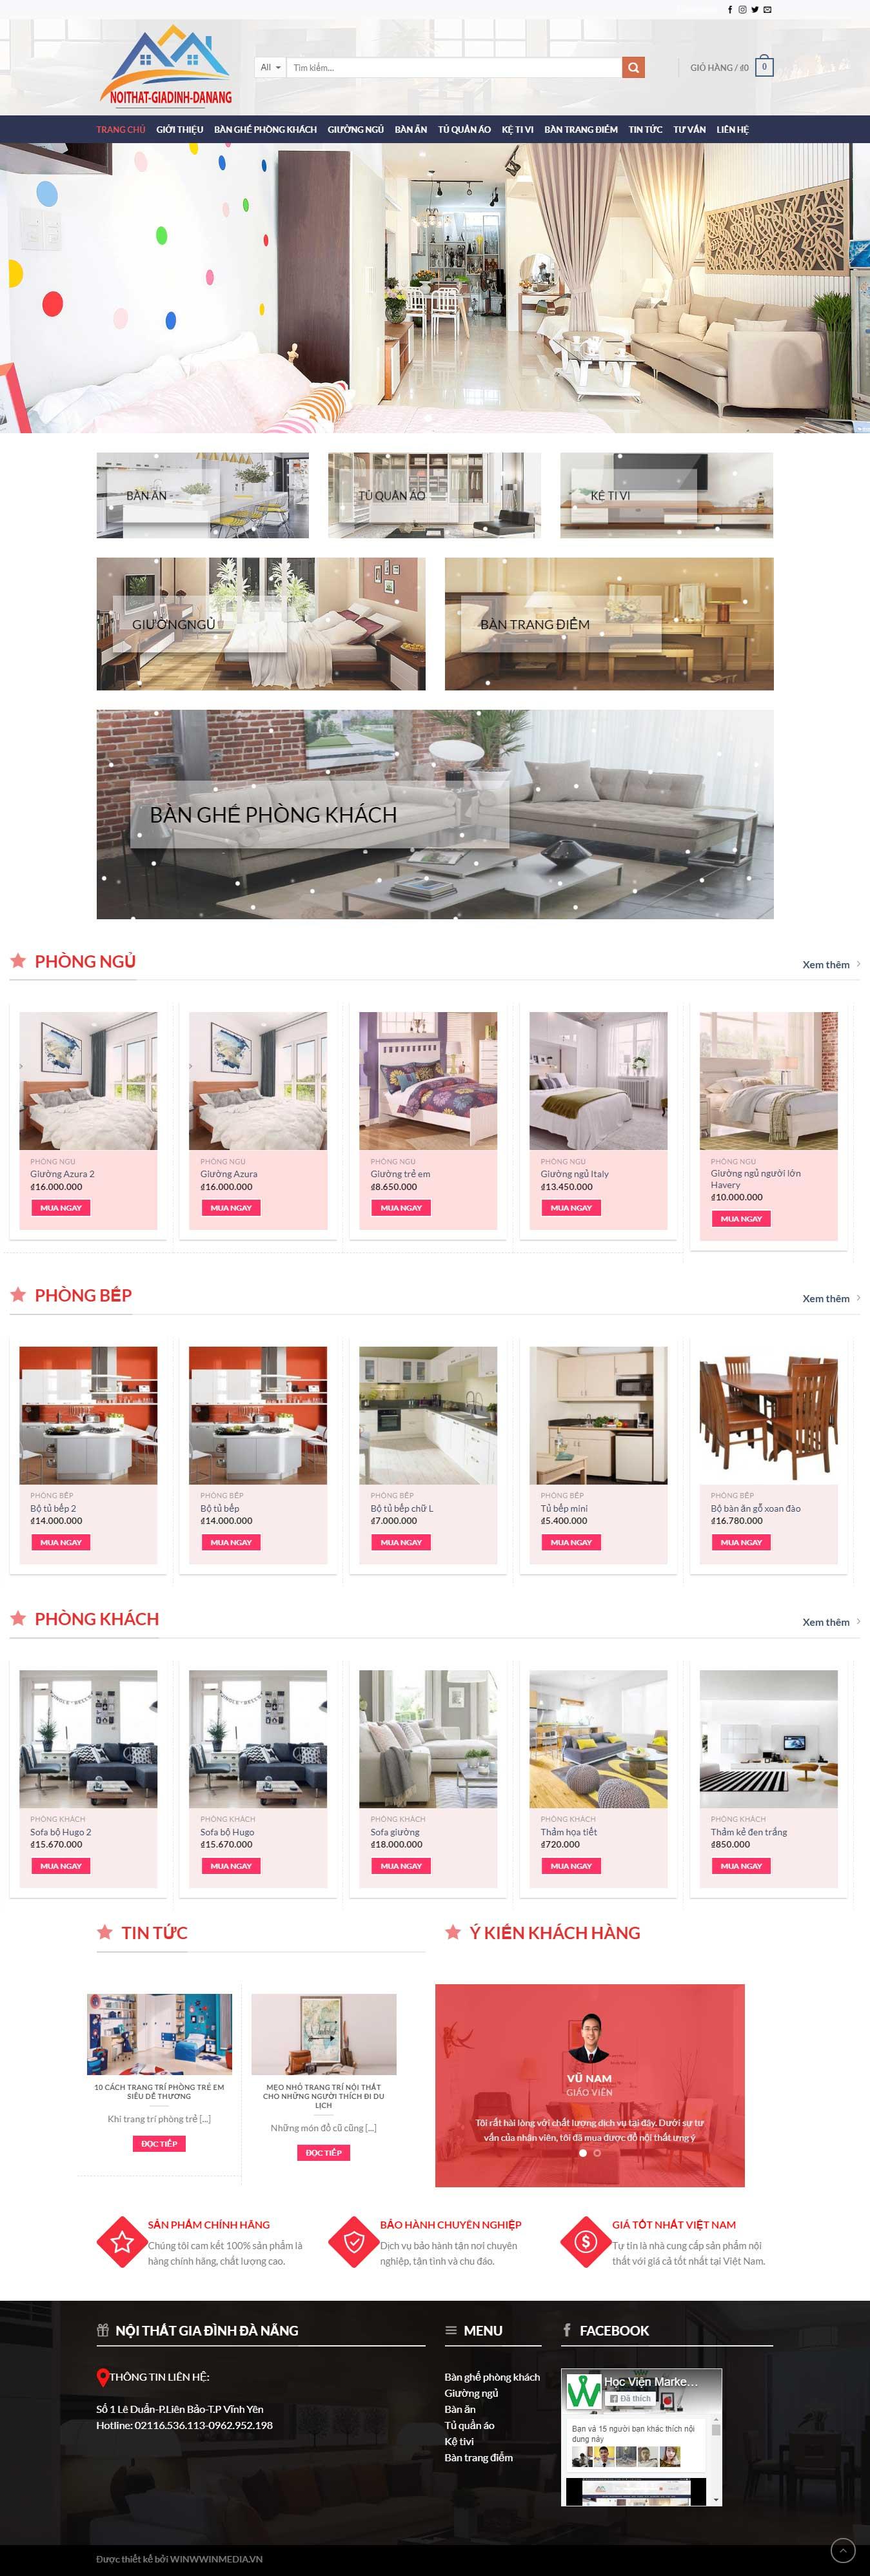 Mẫu thiết kế website nội thất gia đình Đà Nẵng